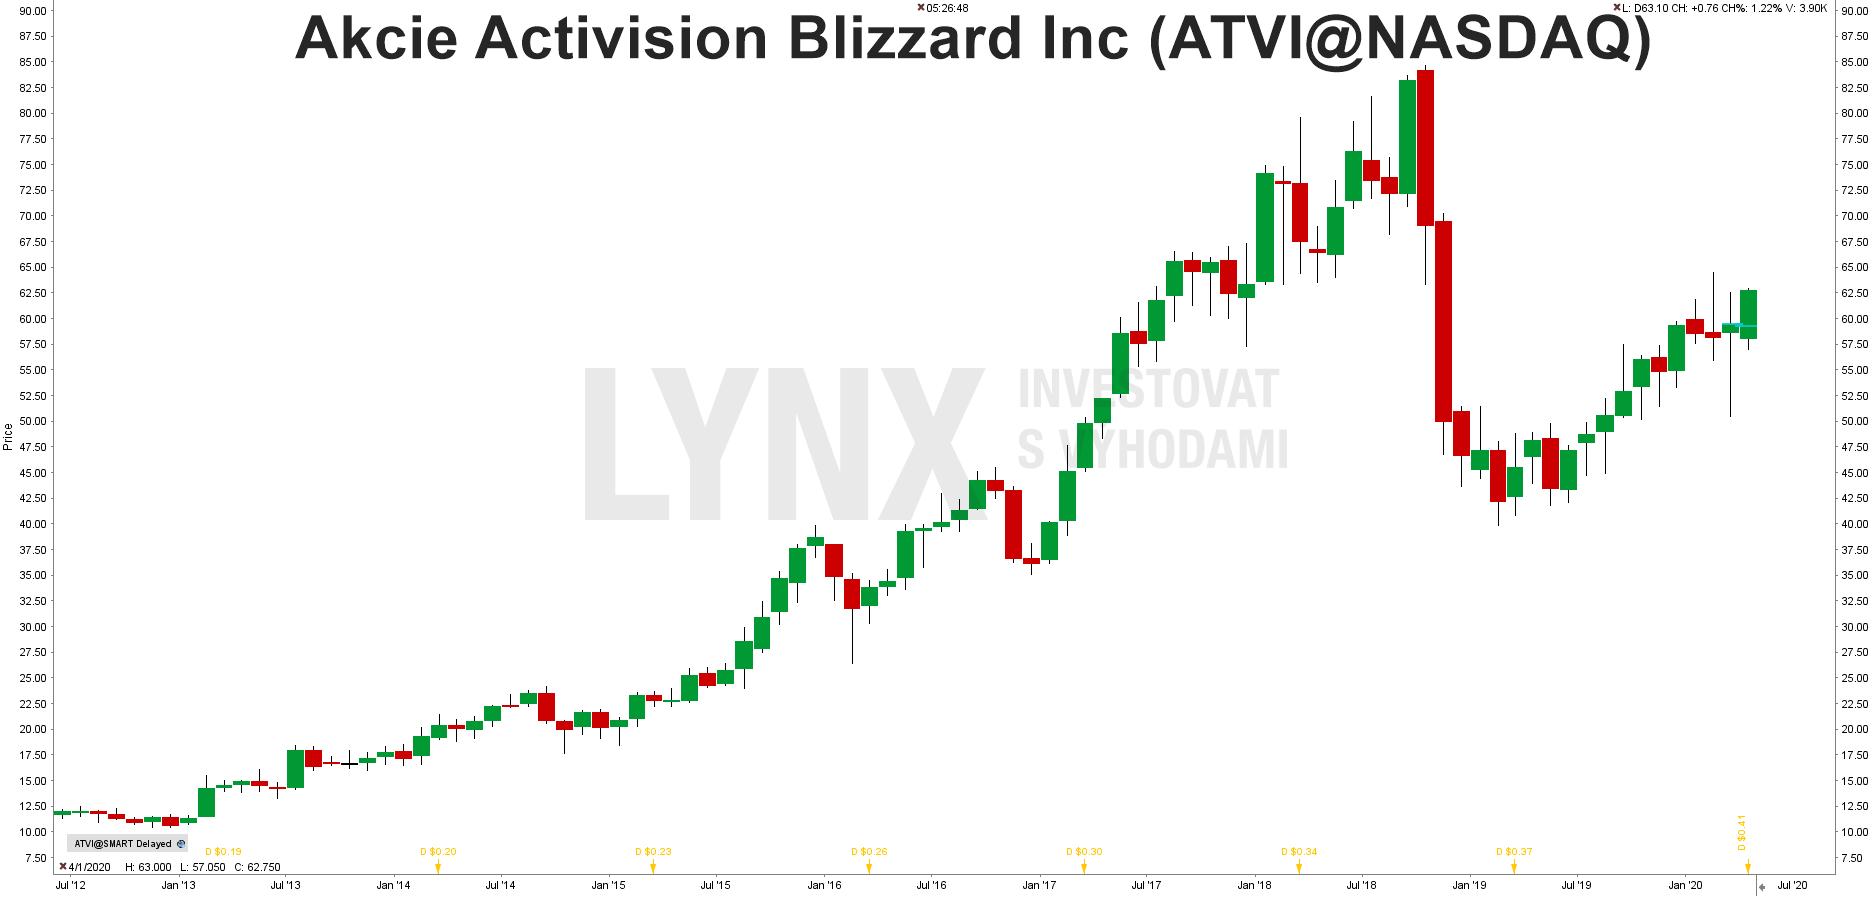 akcie Activision Blizzard (ATVI)